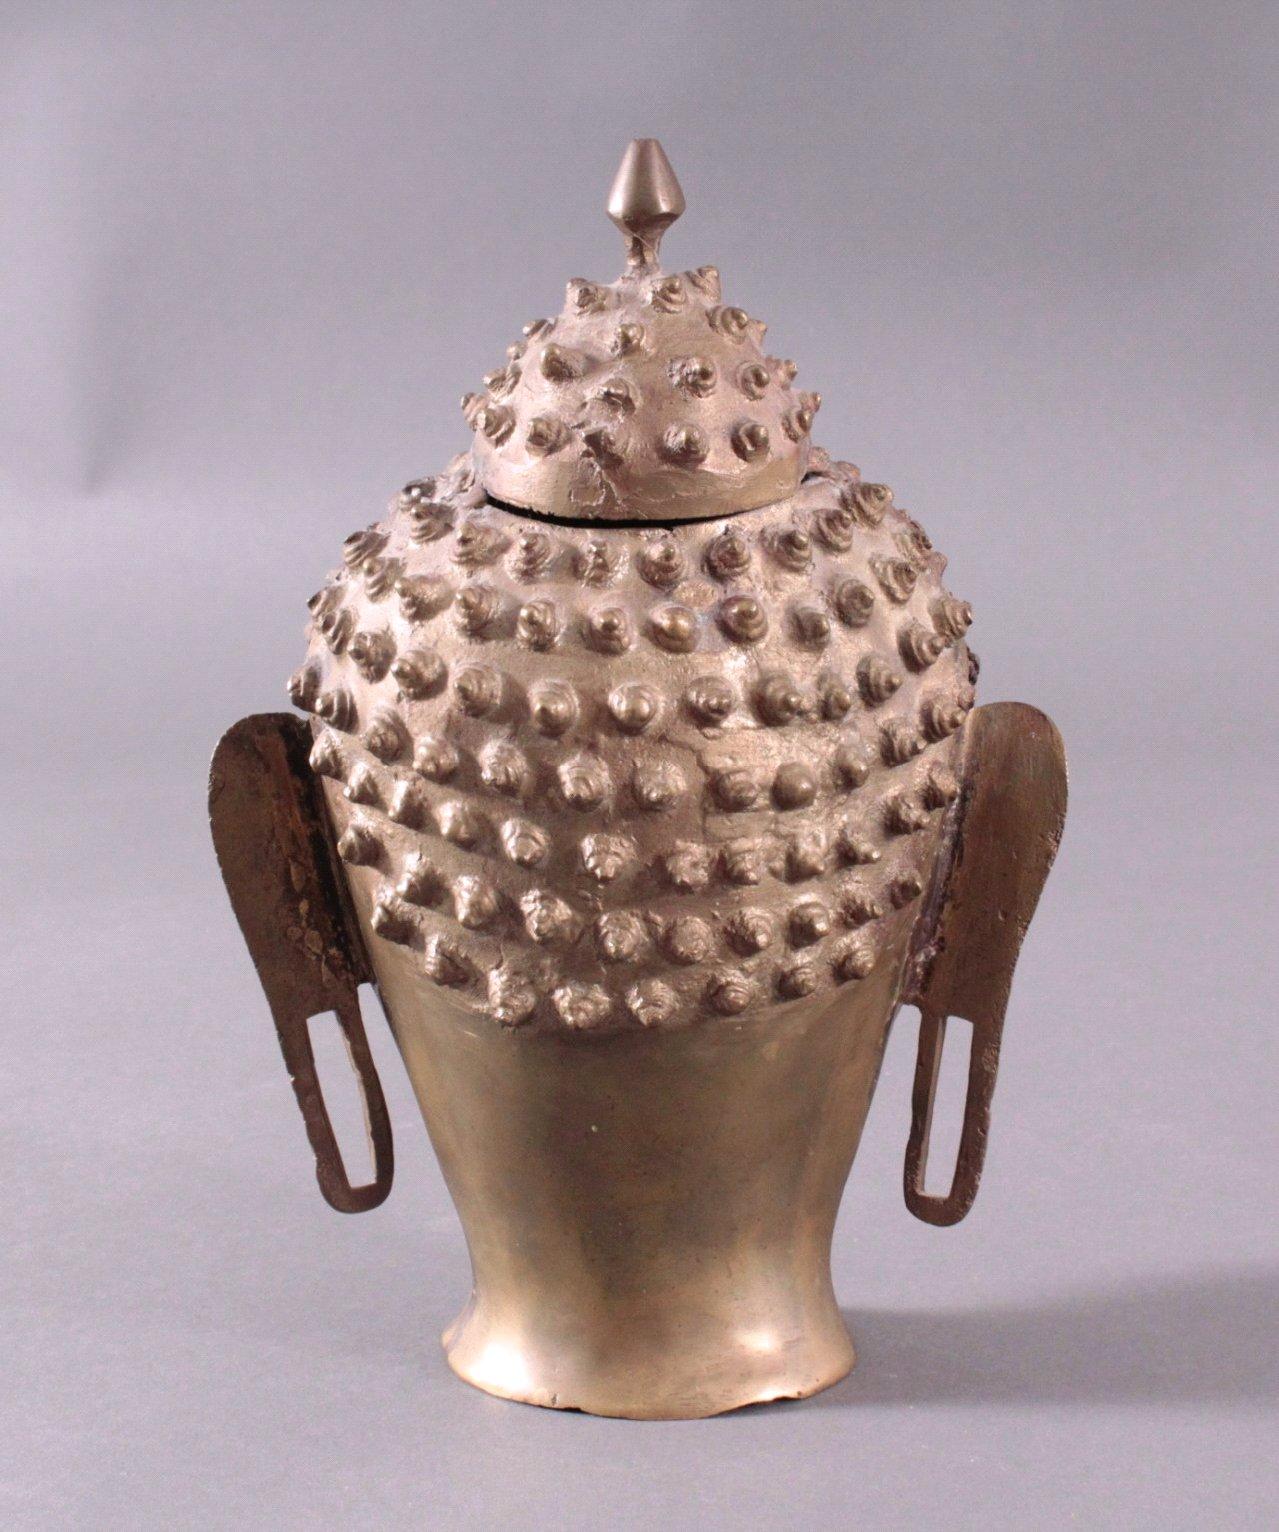 Buddha-Kopf, Bronze Thailand, 20. Jh. oder früher-2